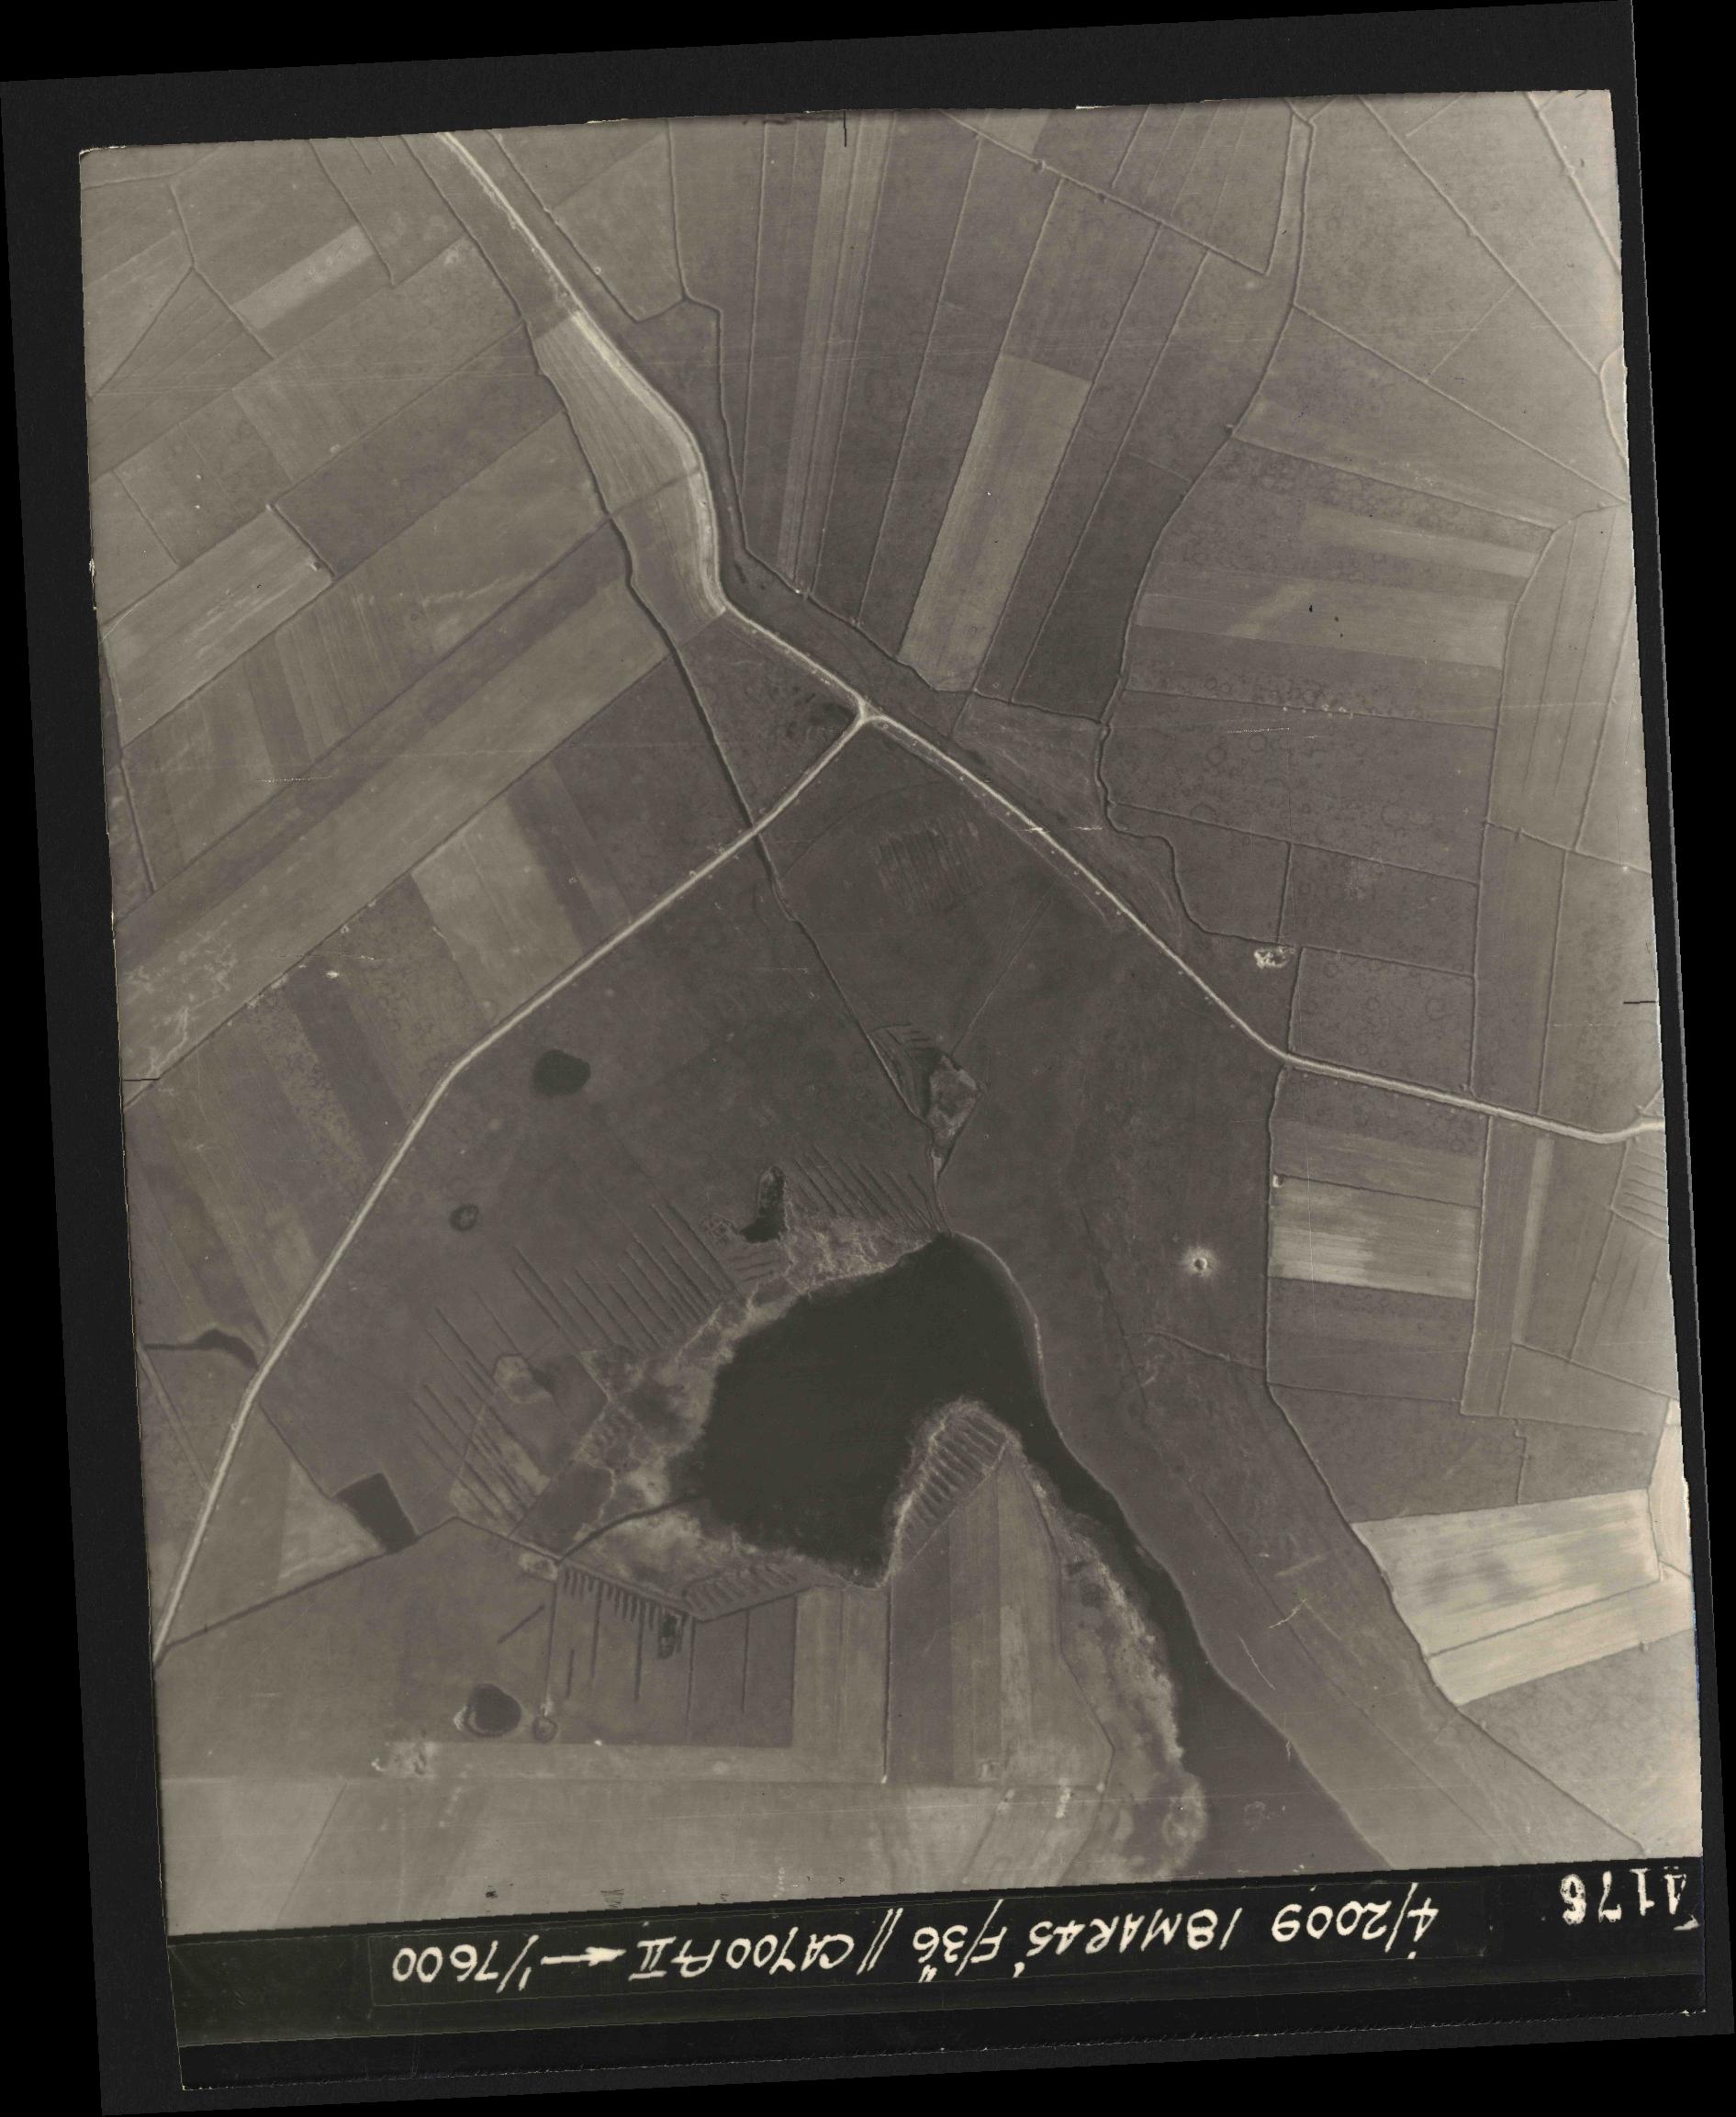 Collection RAF aerial photos 1940-1945 - flight 017, run 10, photo 4176